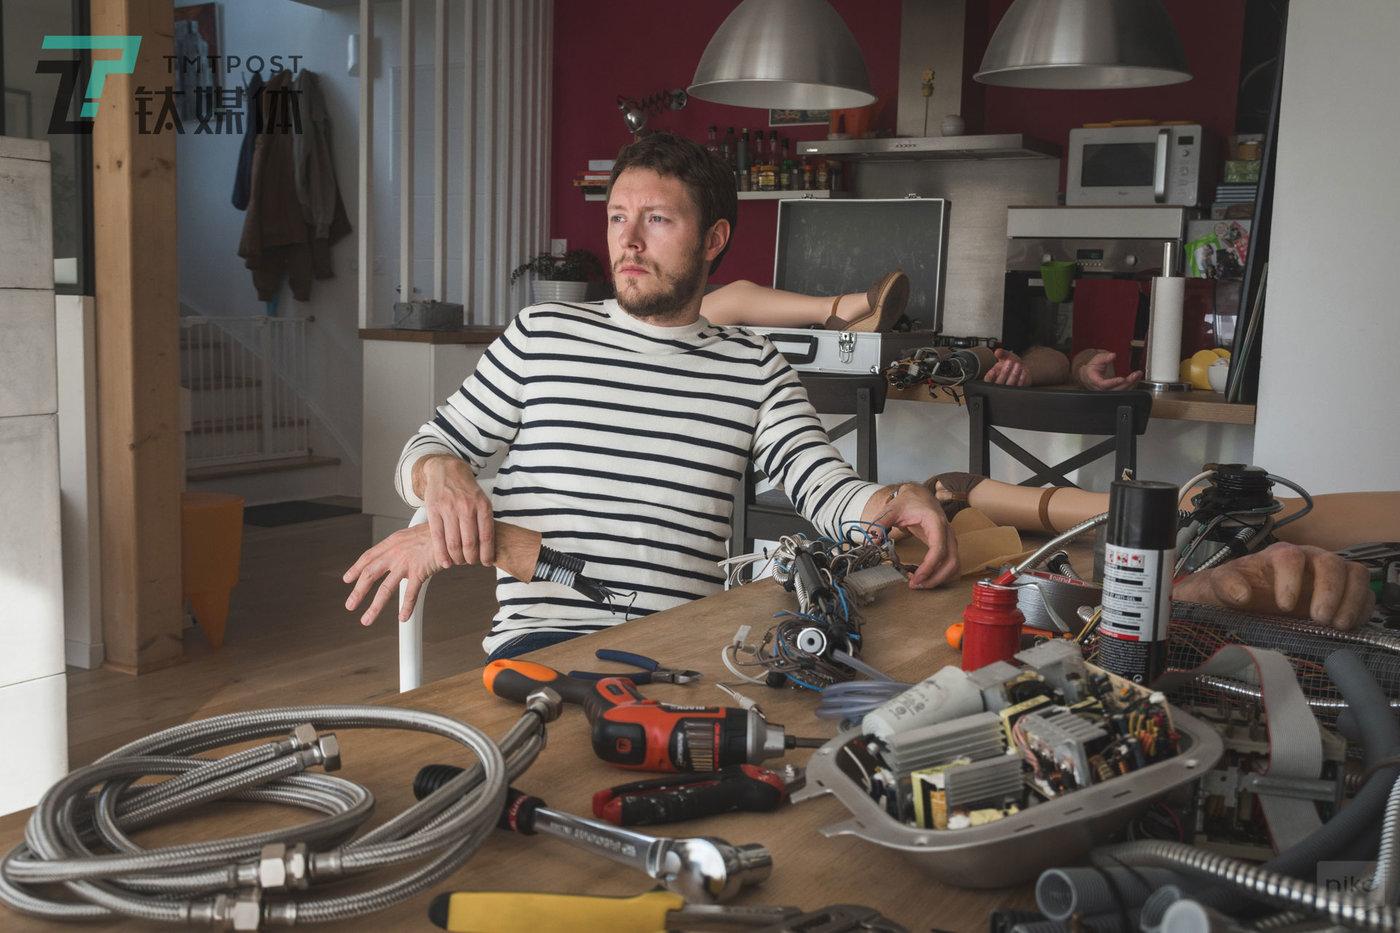 法国摄影师/UI、UX设计师 Nicolas Bigot